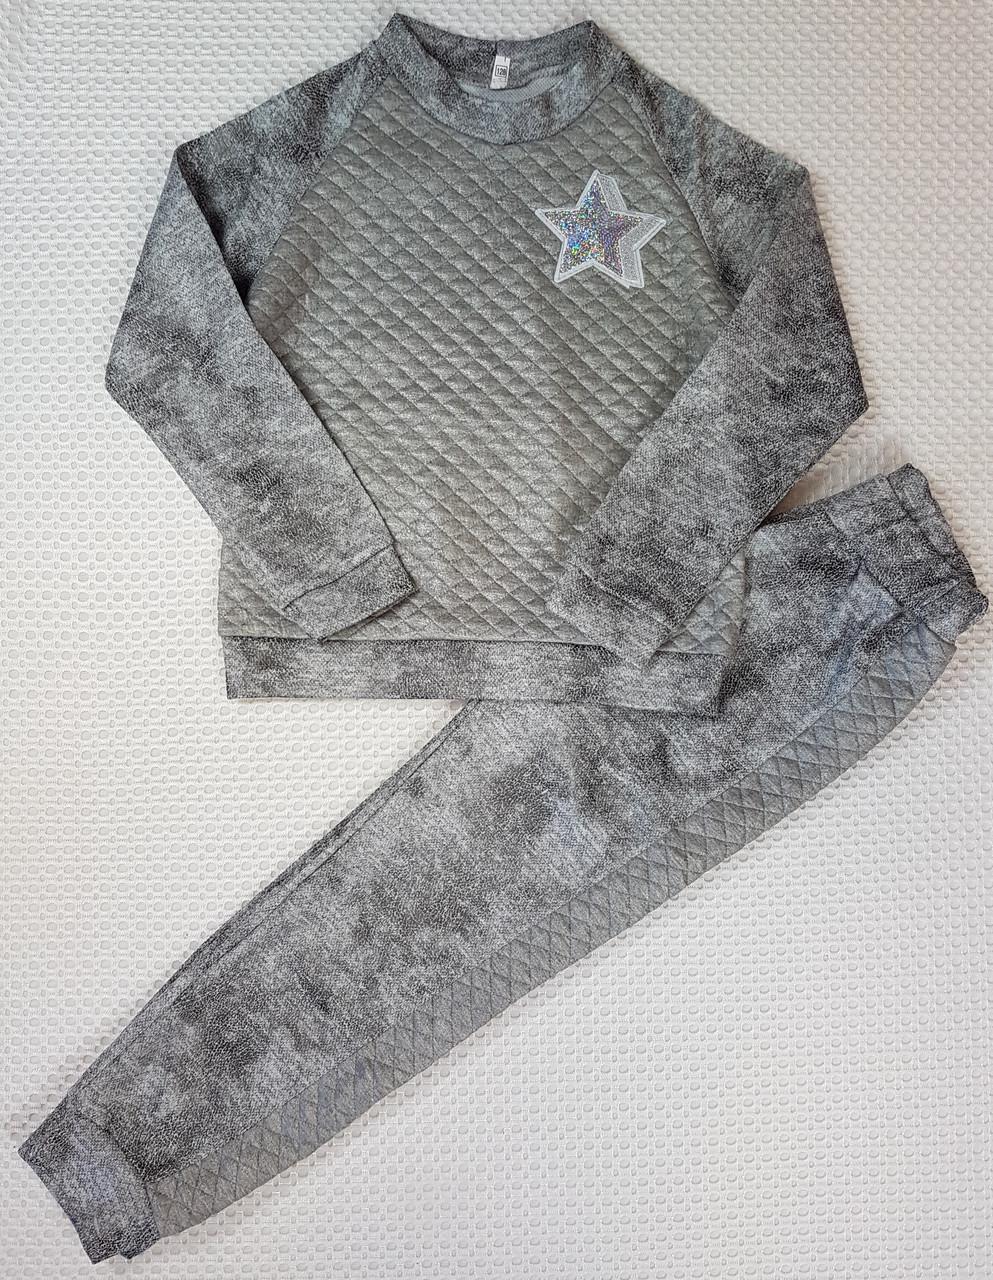 Модный прогулочный детский костюм для девочки ЗВЕЗДА  р. 128-146 серый